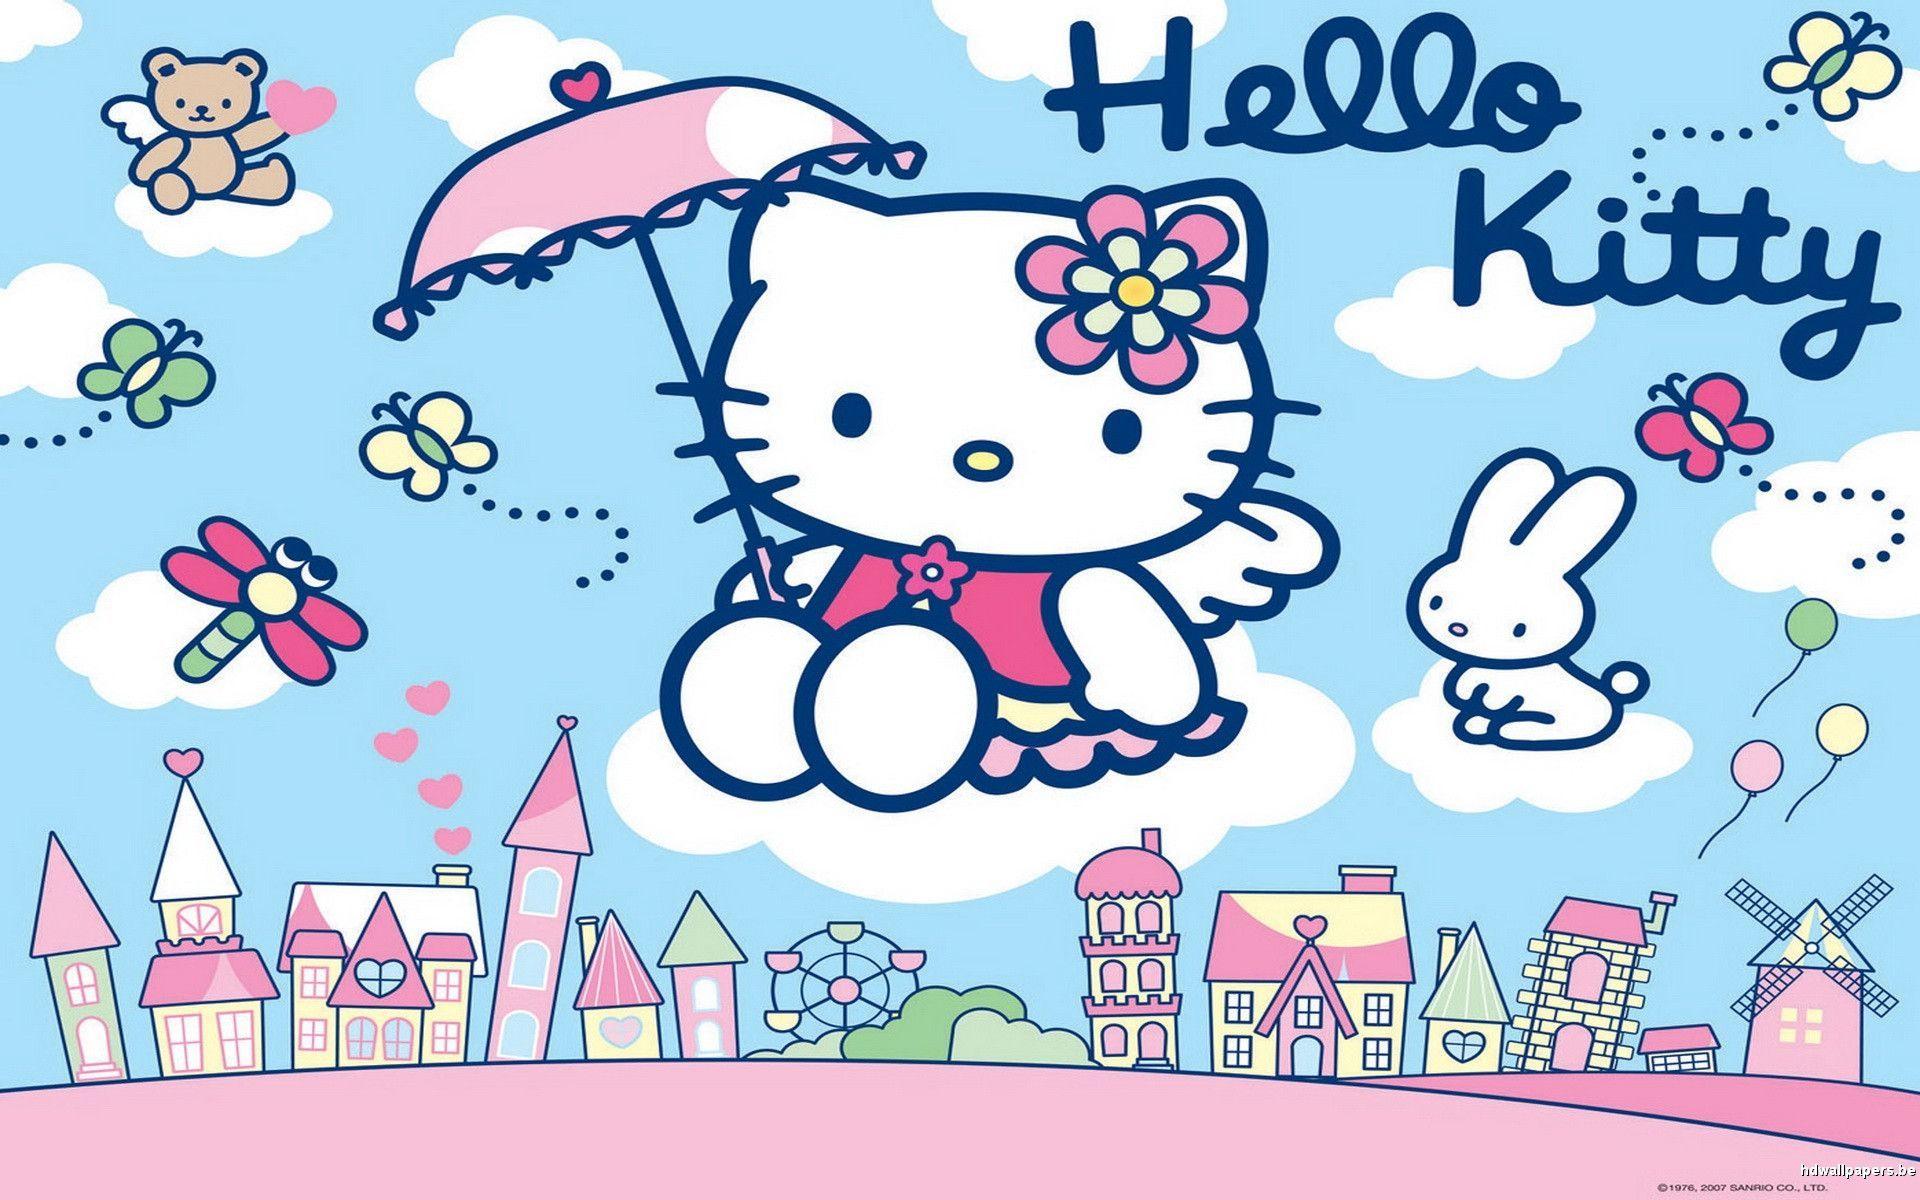 free purple hello kitty wallpaper desktop background a long wallpapers